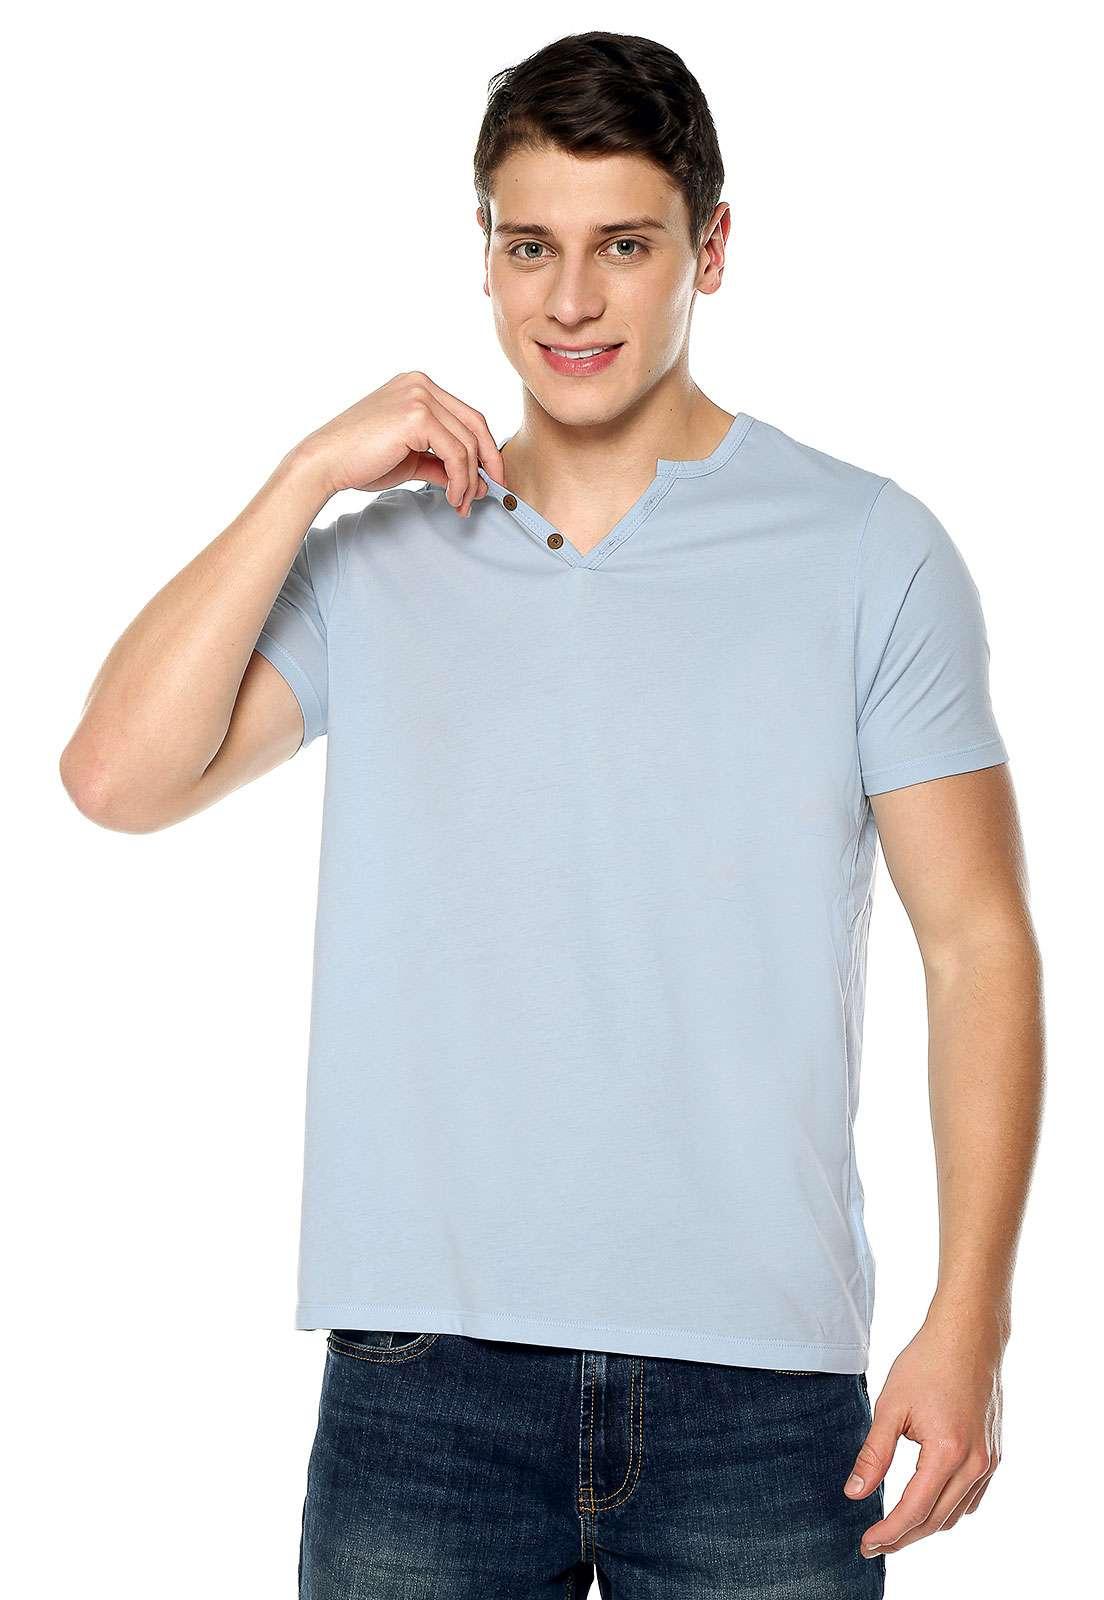 Camiseta Con Botones - Azul Claro | Polovers